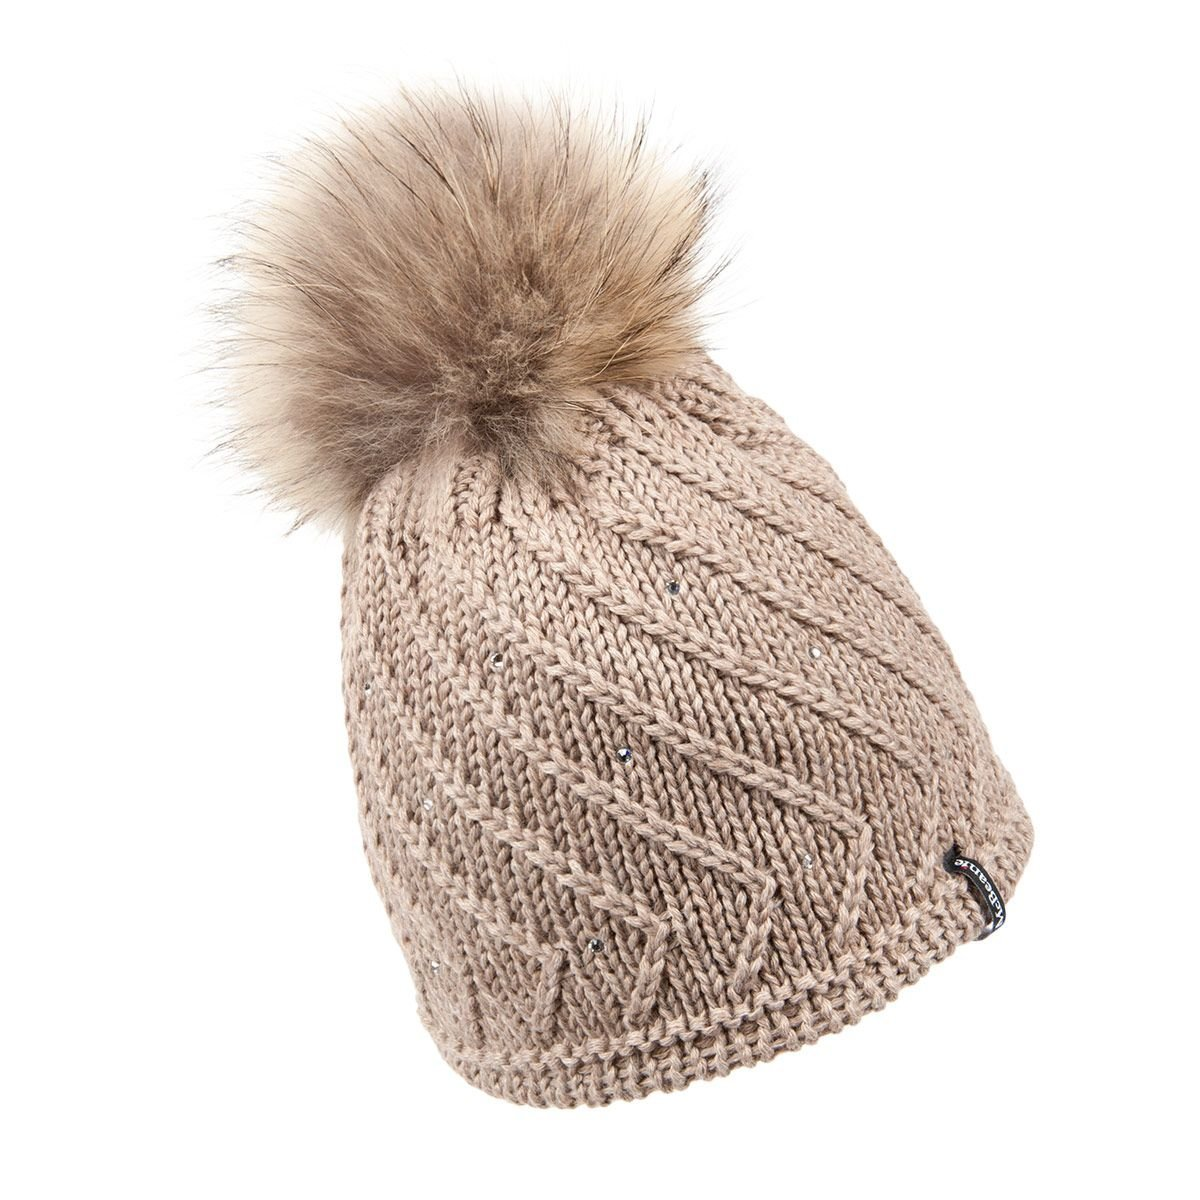 ineguagliabile nelle prestazioni prezzo competitivo bambino McBEANIE | berretto donna lana maglia con pompon e strass